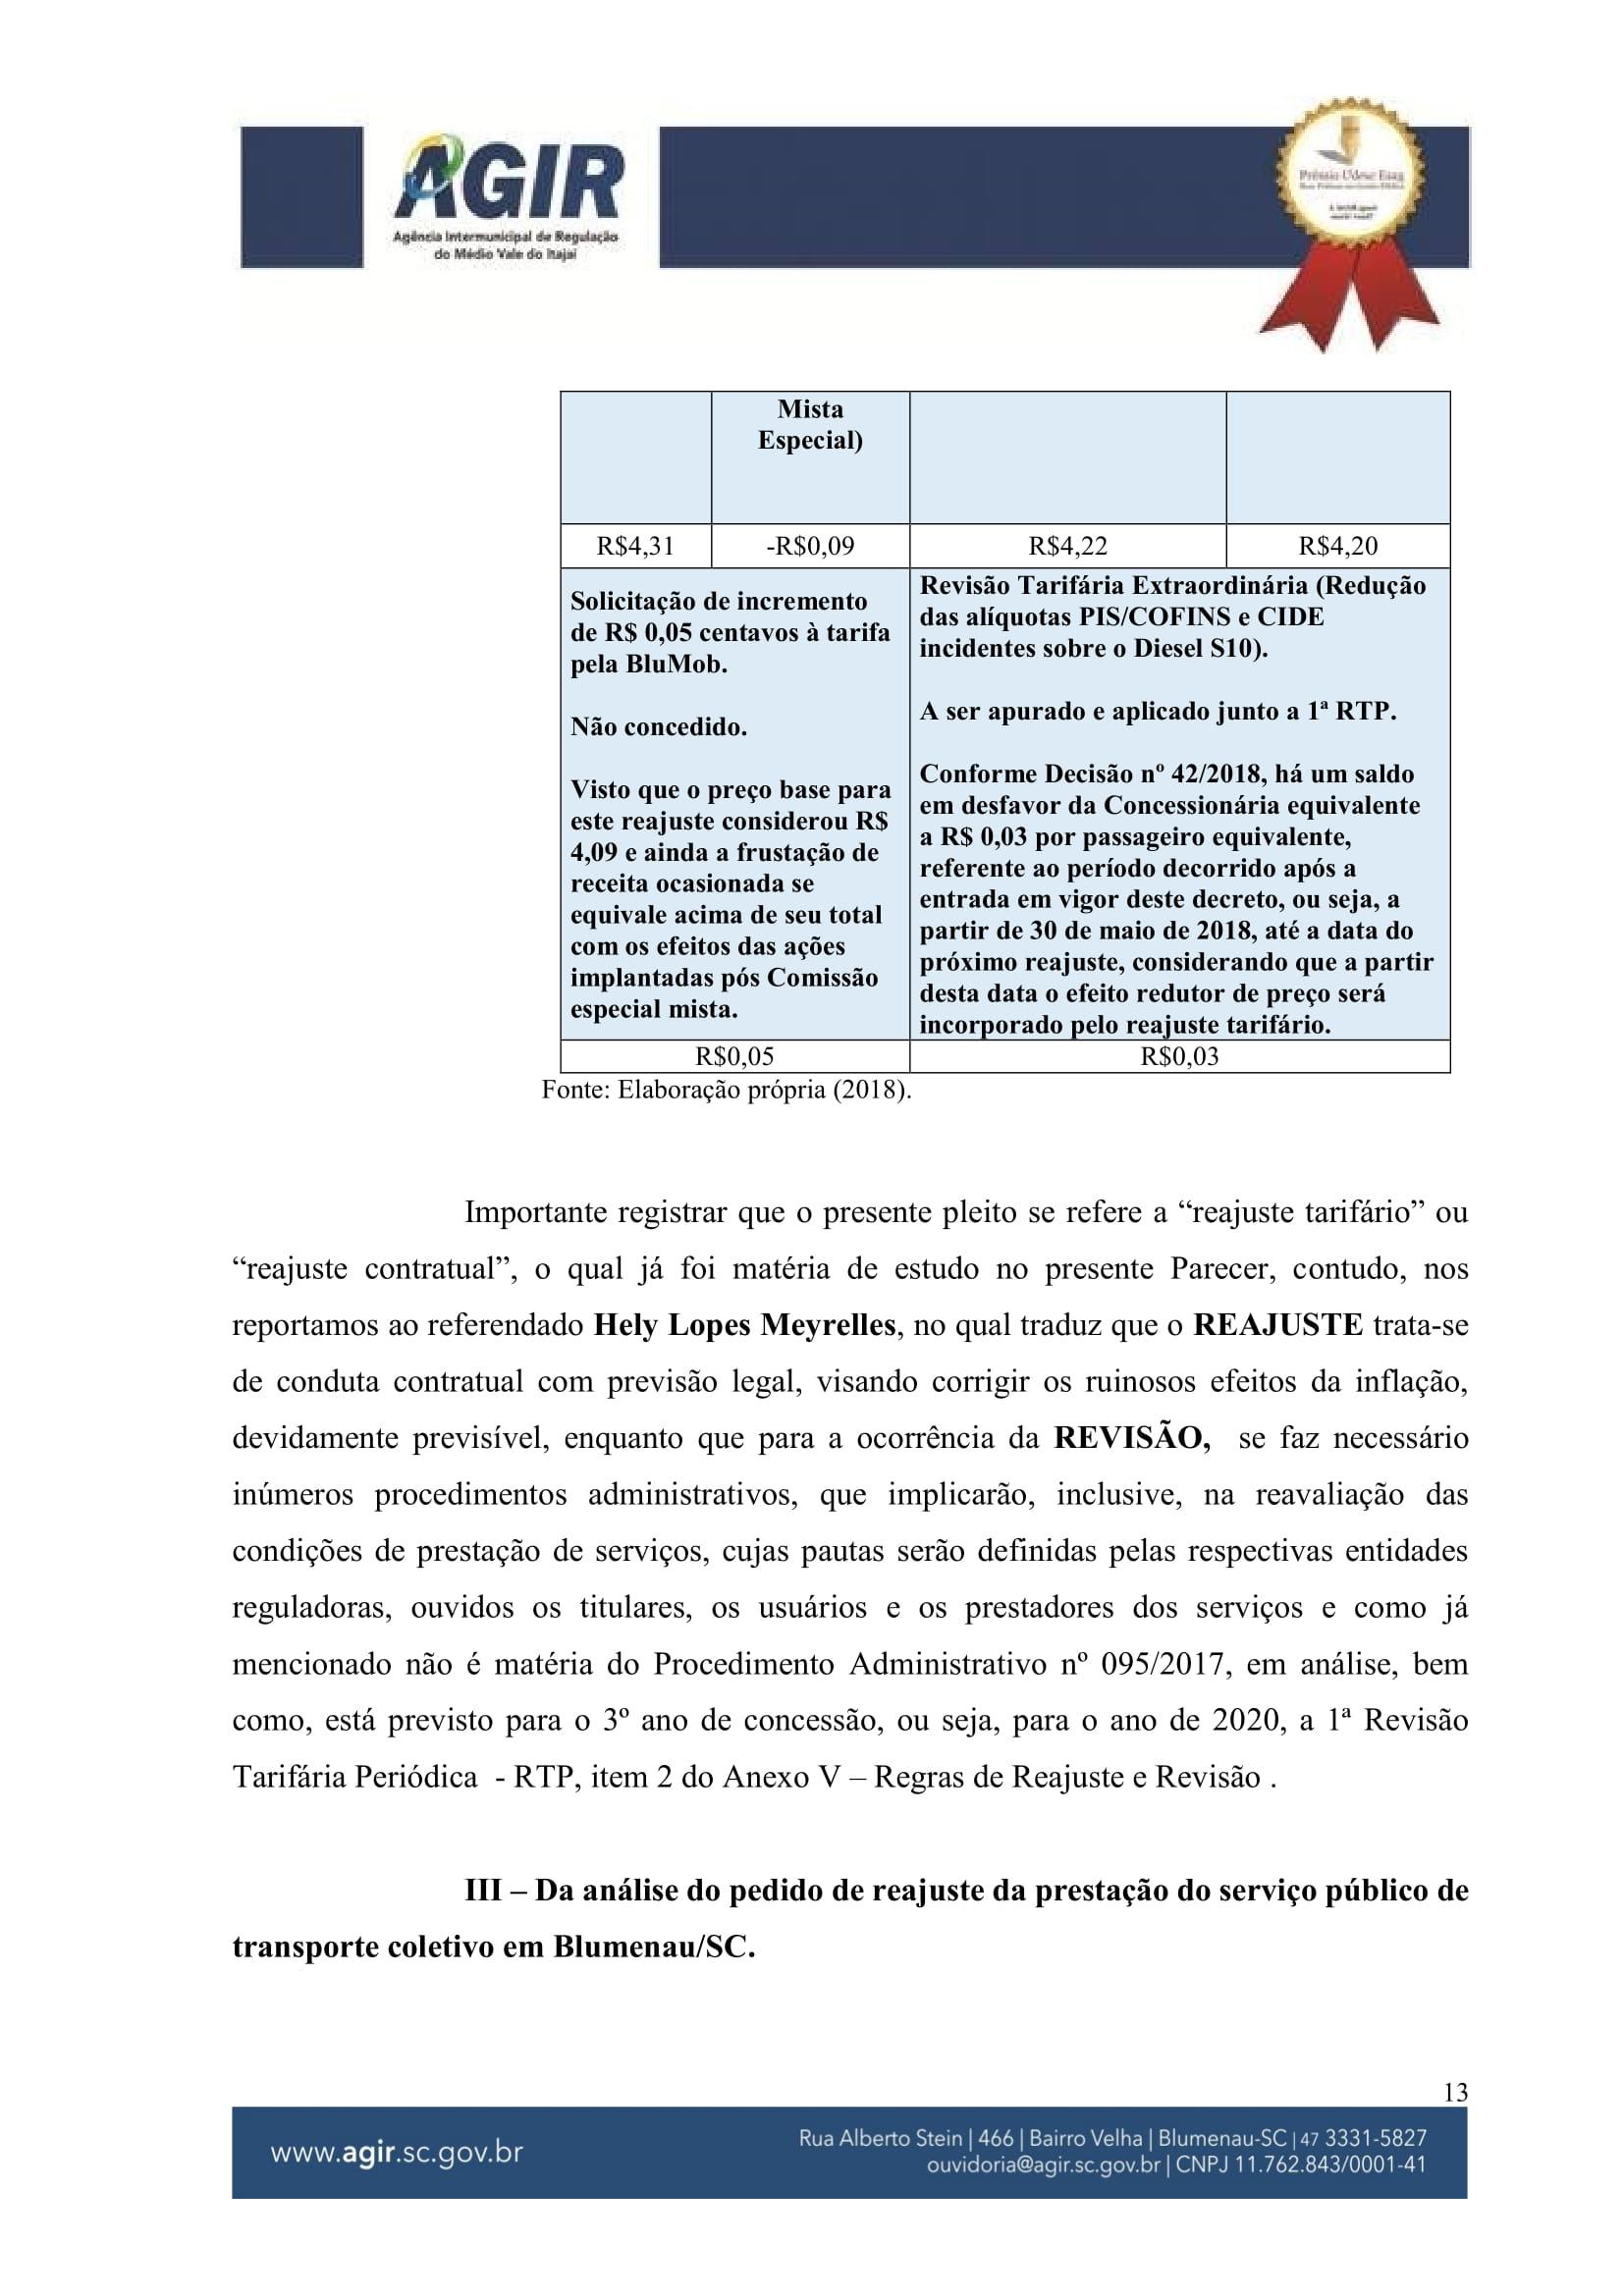 Parecer Juridico 131-2018_Reajuste Tarifário Blumob-13